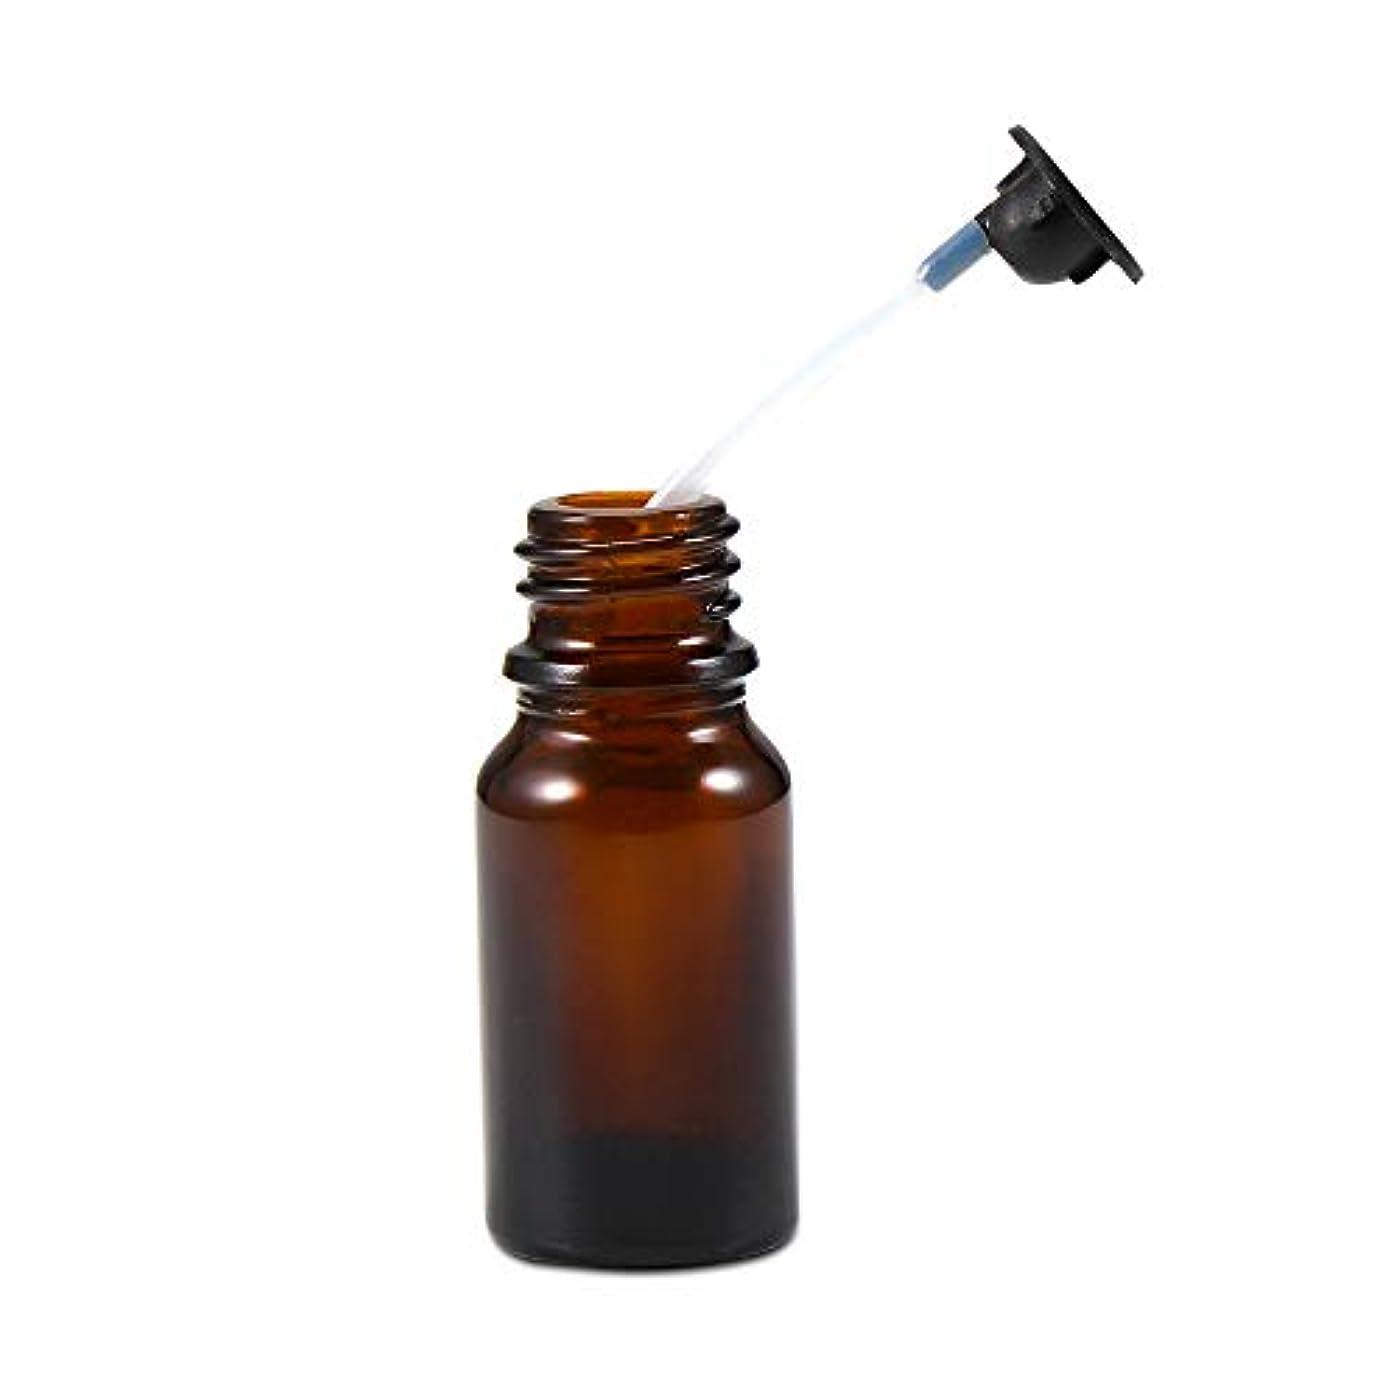 れる拷問発生器Caseceo エッセンシャルオイル ボトルとノズル 交換用 アクセサリー 数量1